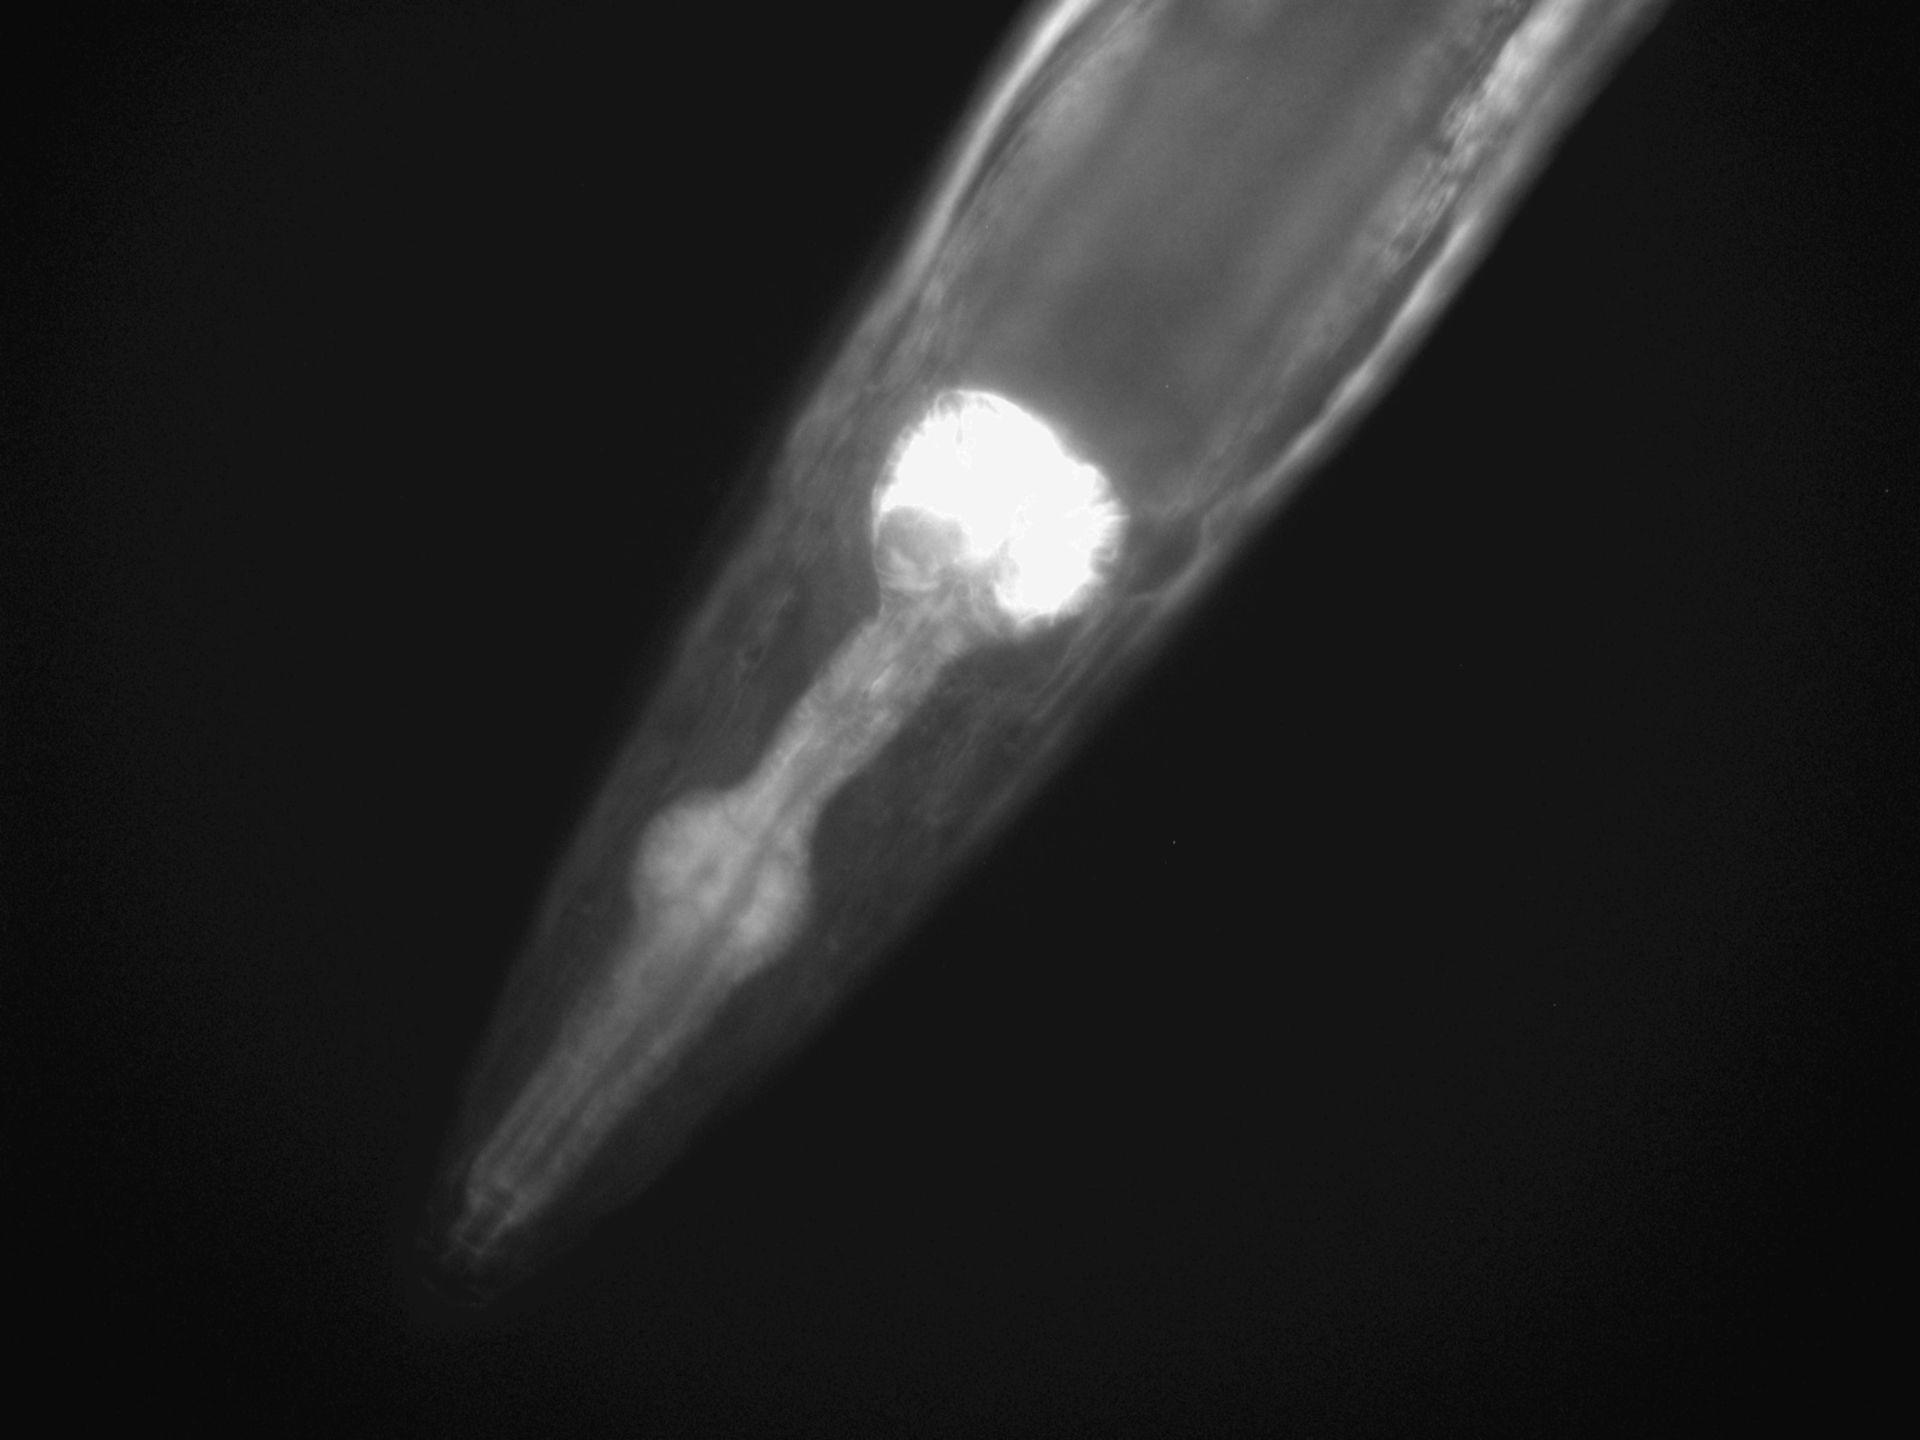 Caenorhabditis elegans (Actin filament) - CIL:1279